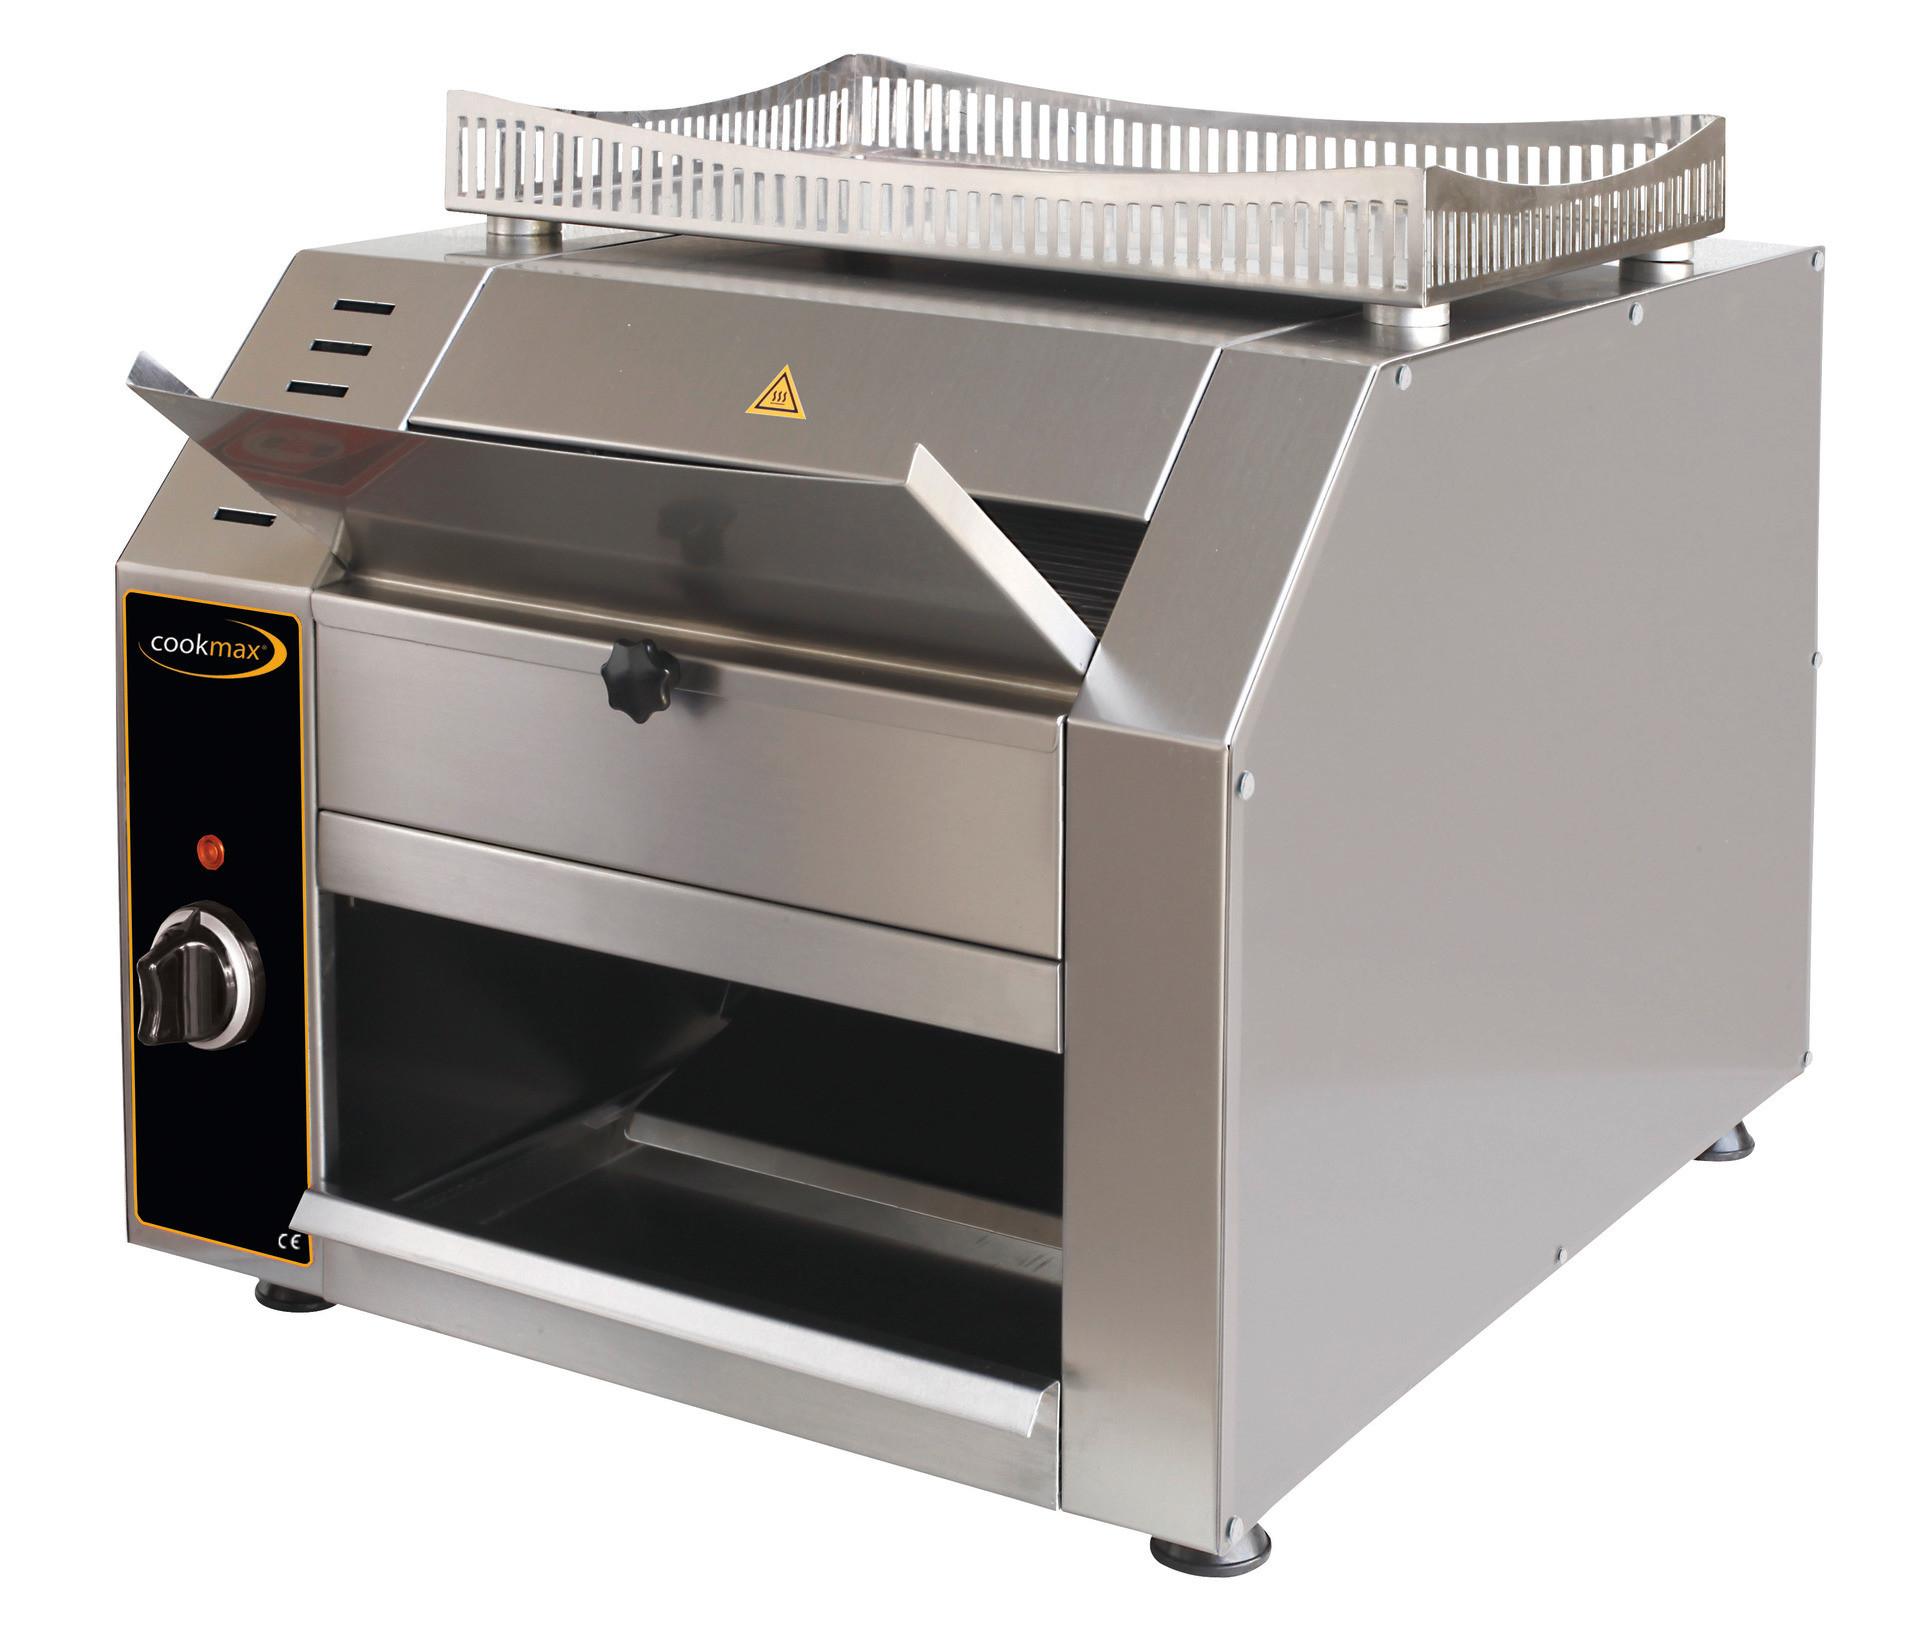 Durchlauftoaster, für 144 Toast/h